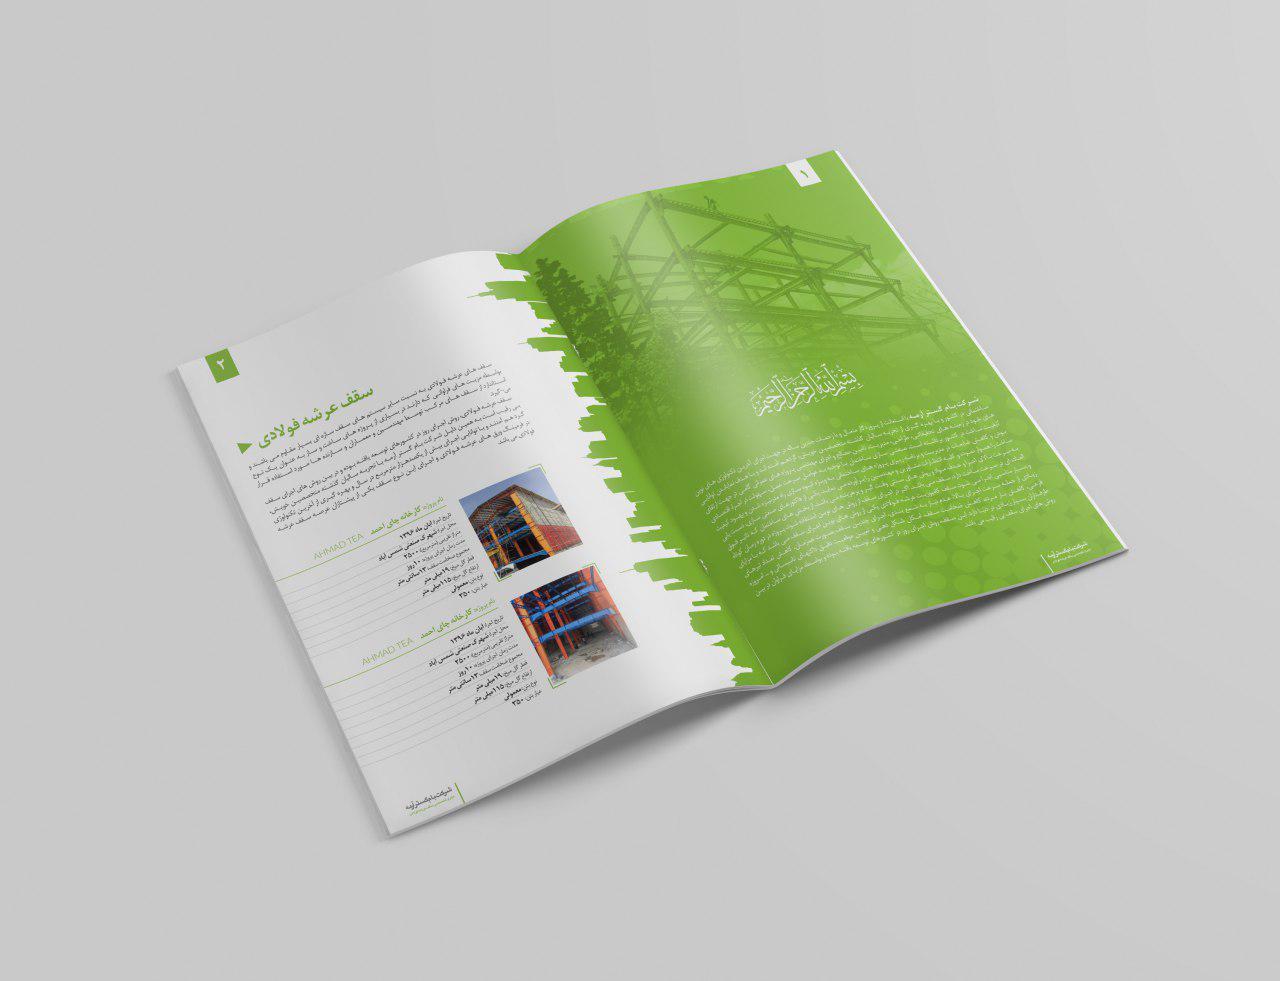 نمونه کار طراحی کاتالوگ دیجیتال شرکت بام گستر آرمه